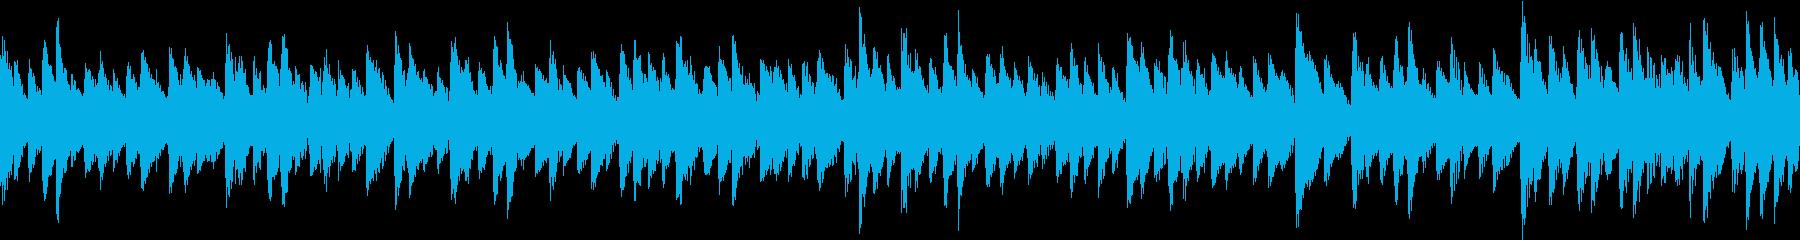 ステージクリア後などの明るい曲 8bitの再生済みの波形